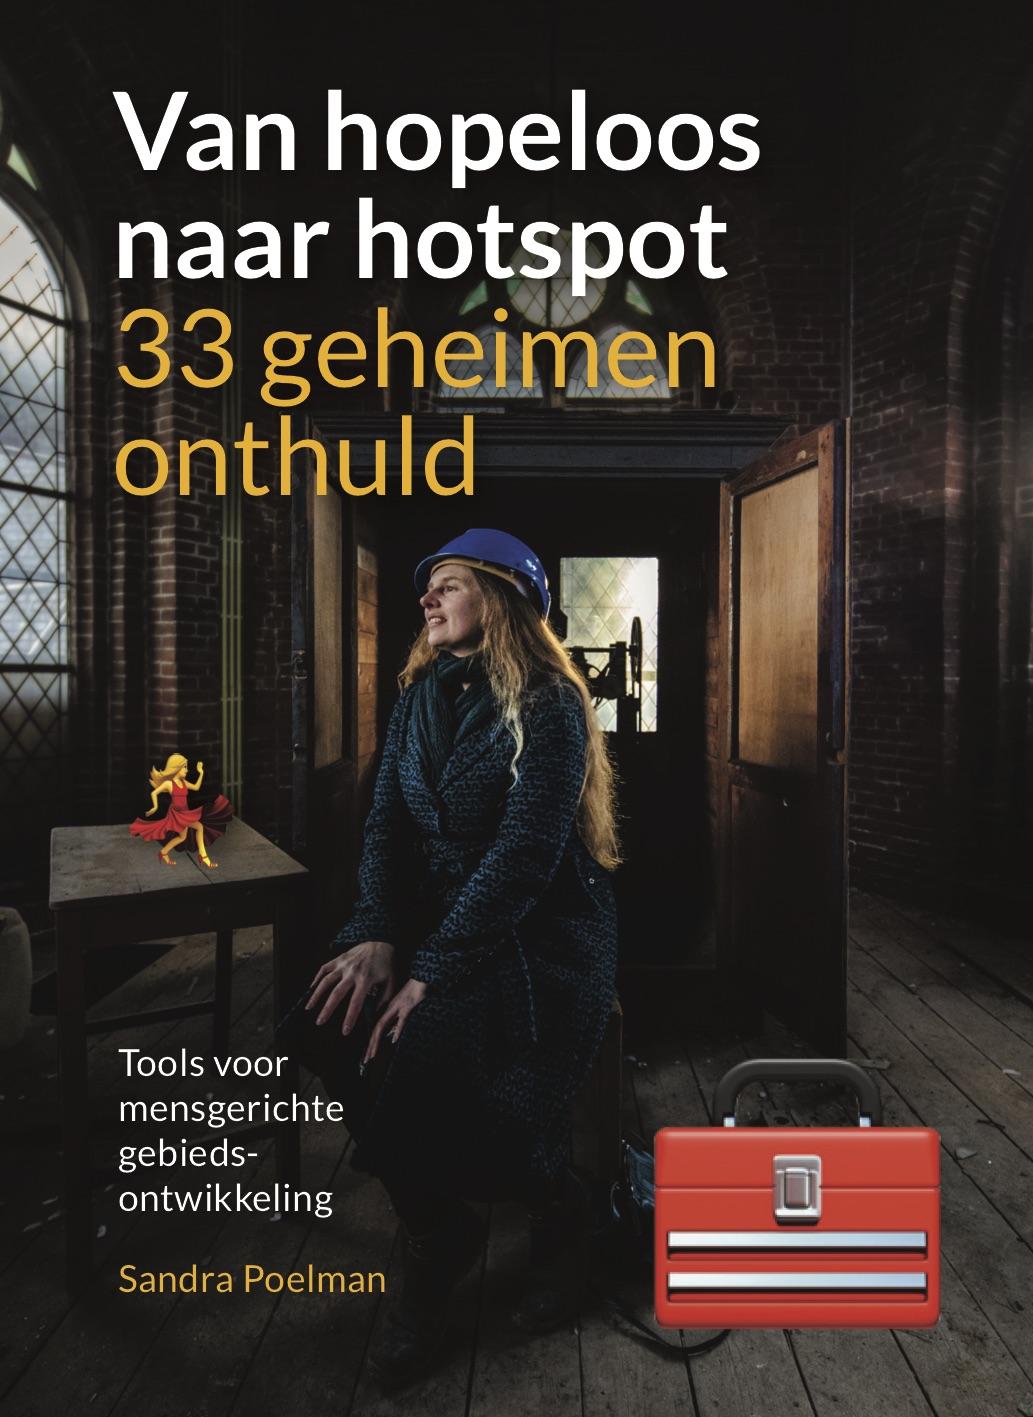 Informatie over het boek 'Van hopeloos naar hotspot'